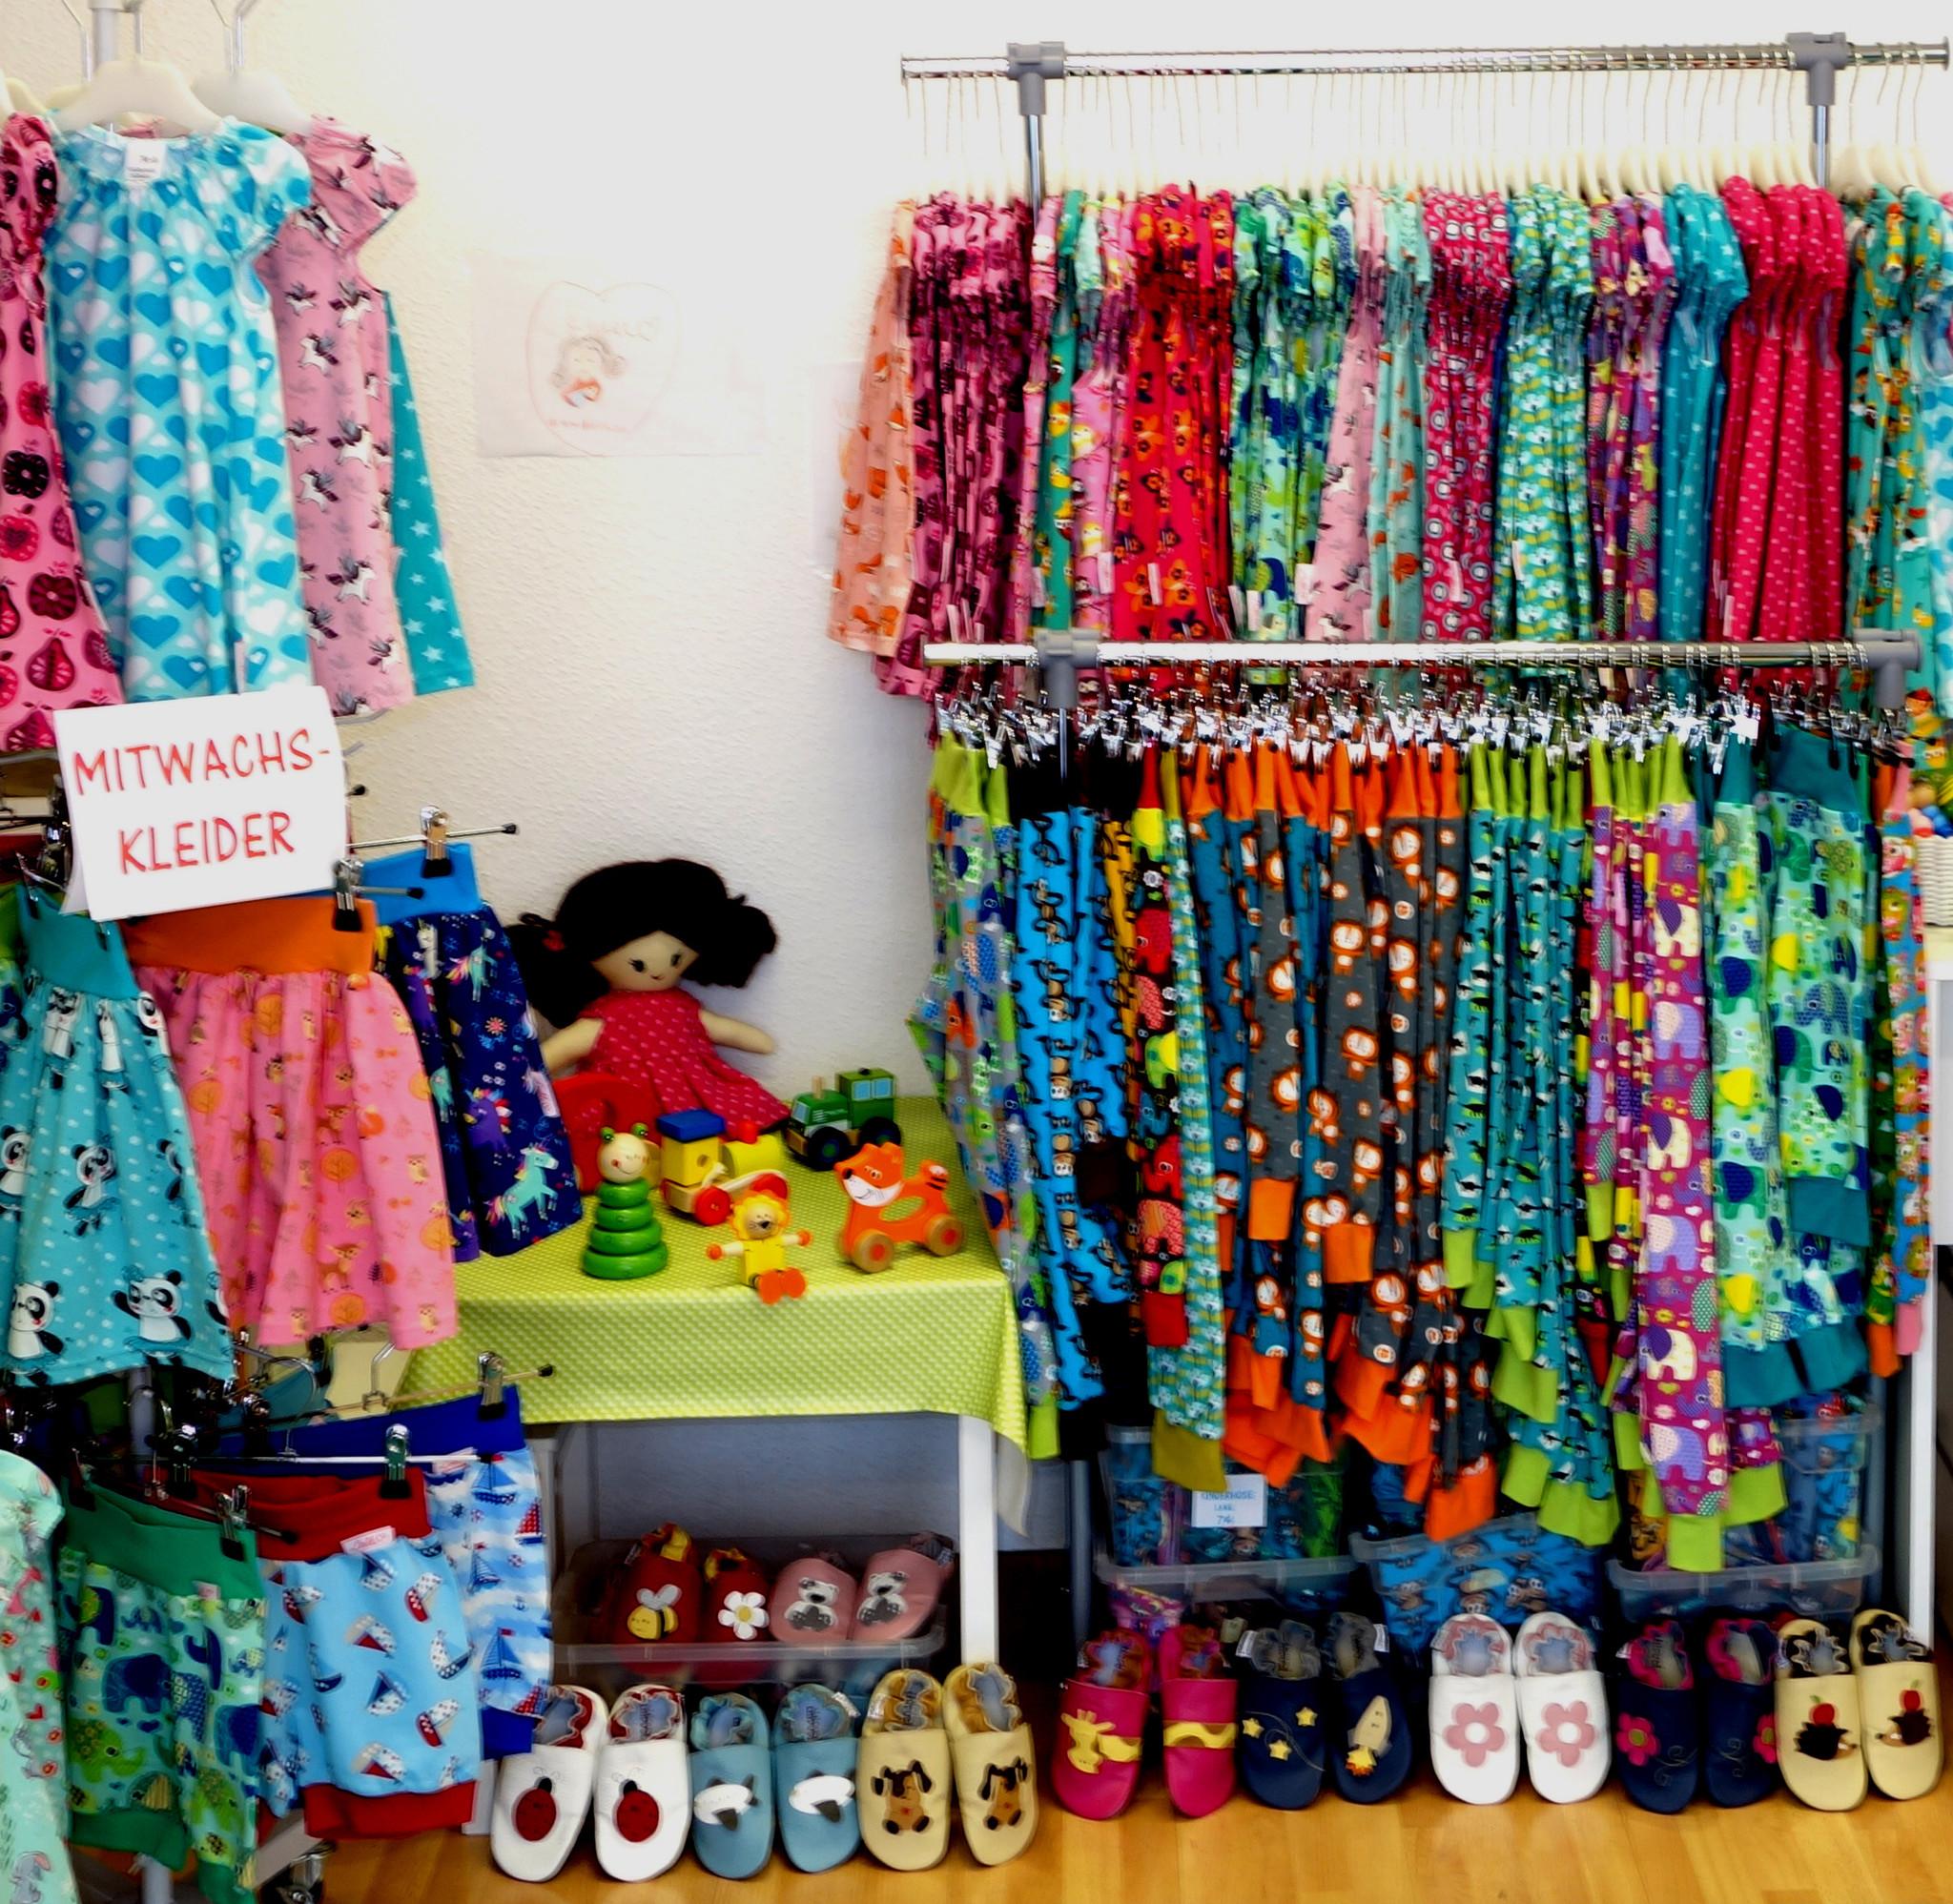 Liebli Kindermode Baby Shop mitwachsende Kindermode Bio Babykleidung Babymode und Kinderkleidung 1030 Wien Landstraße